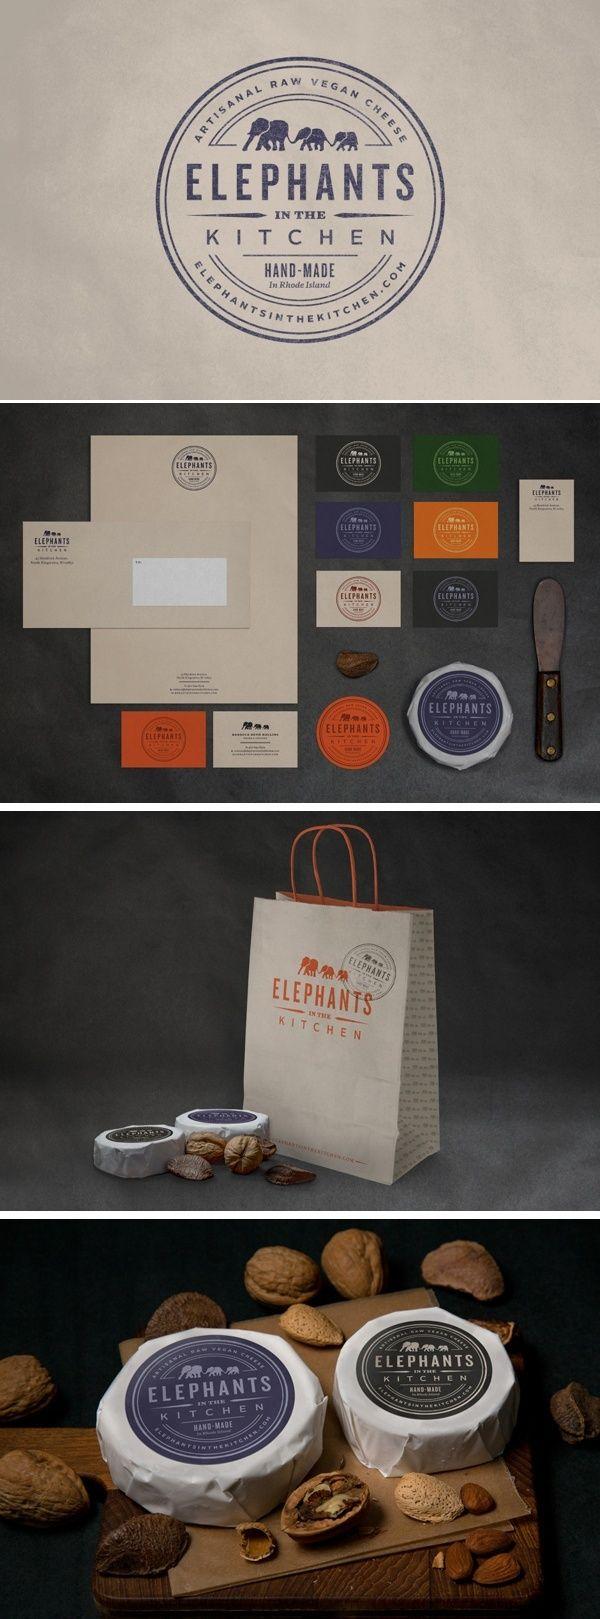 Graphisme : 25 projets de qualité autour des identités visuelles et du branding | Blog du Webdesign